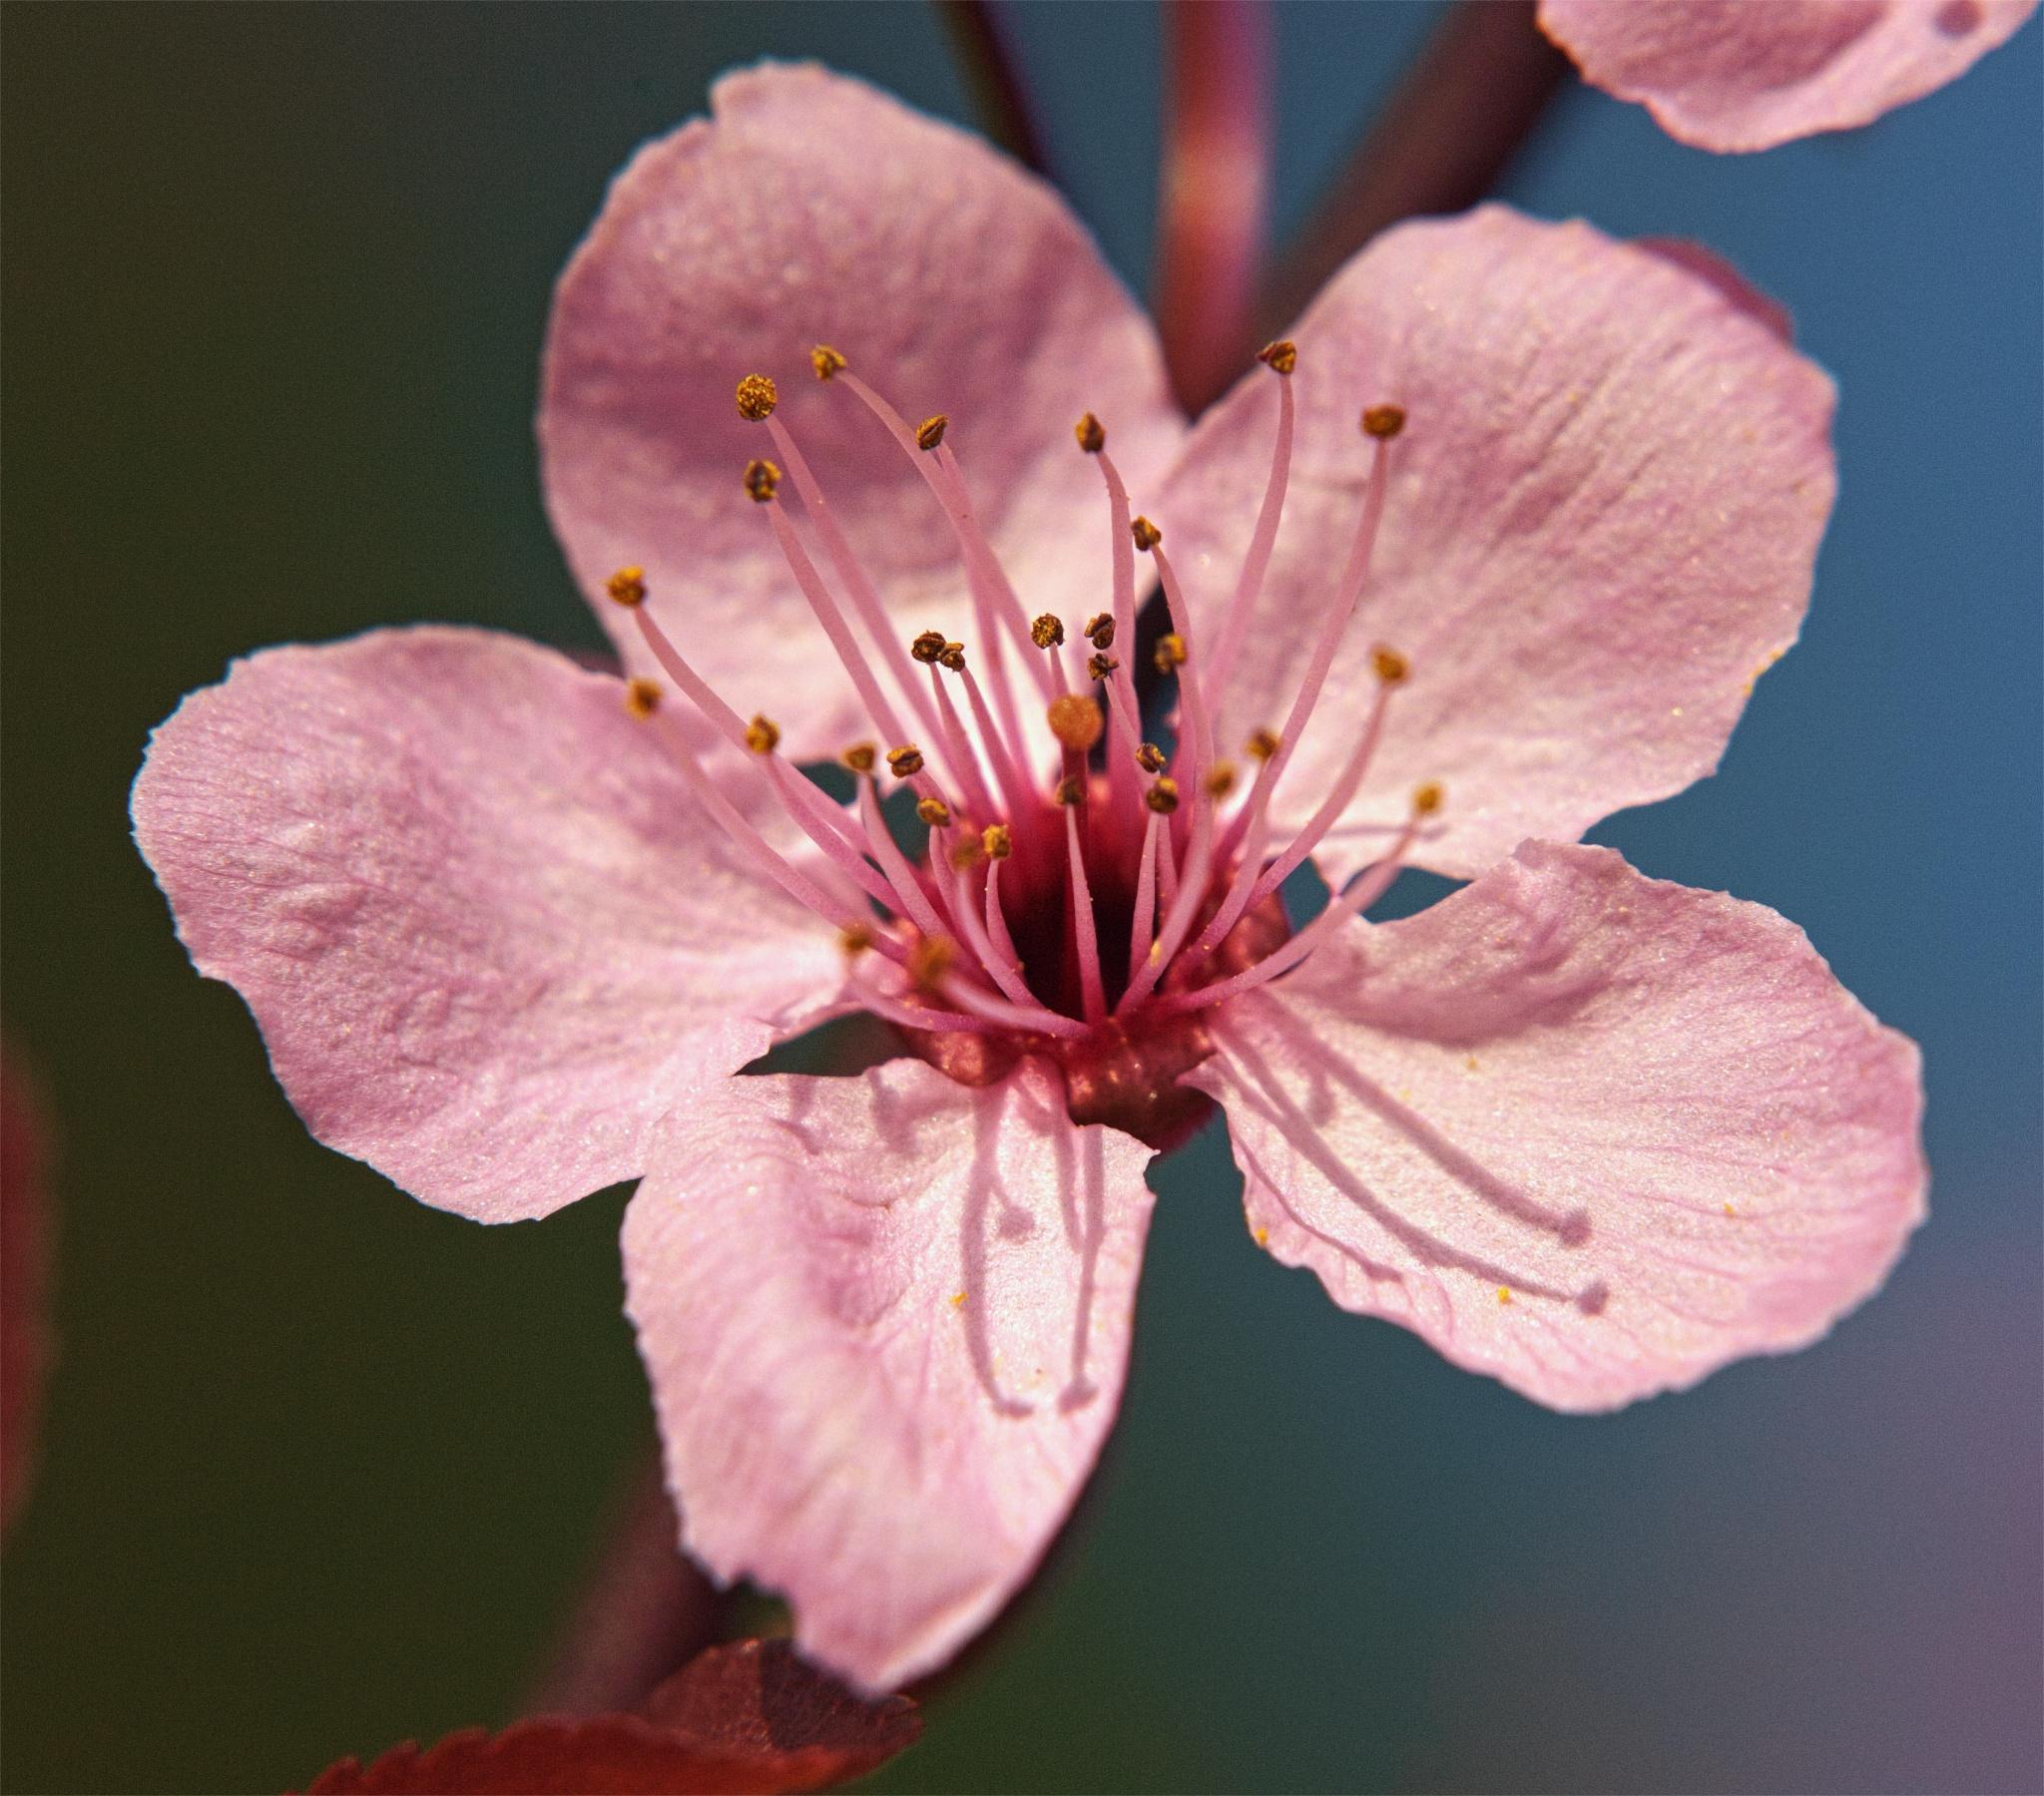 Endlich Frühling :-) by Blandyna Bogdol